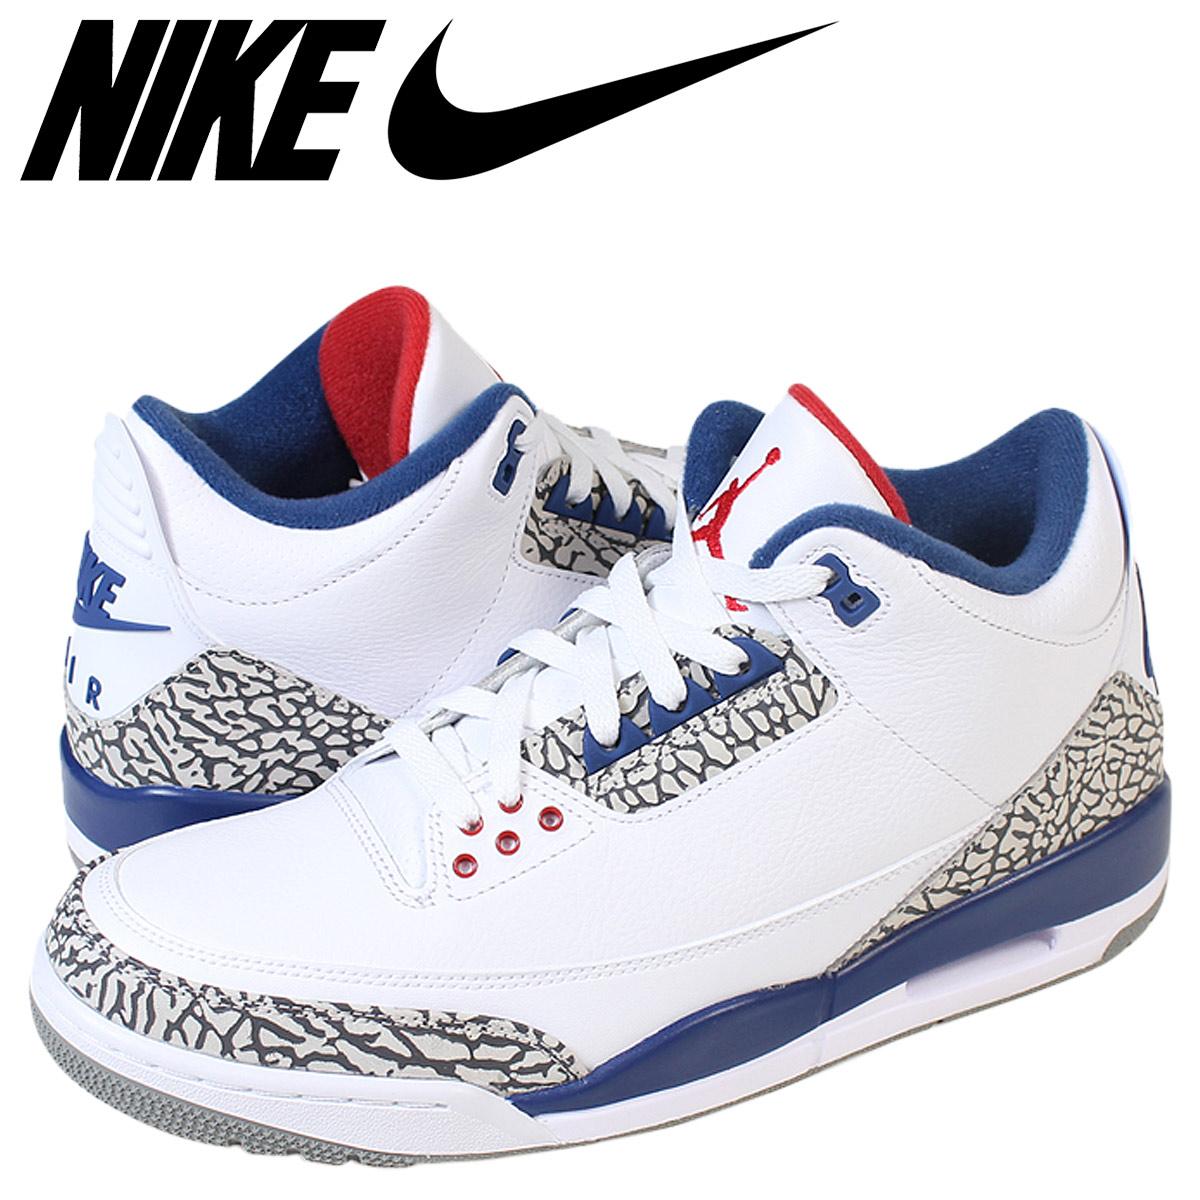 91c21eacc92 Nike NIKE Air Jordan sneakers men AIR JORDAN 3 OG 854,262-106 white ...